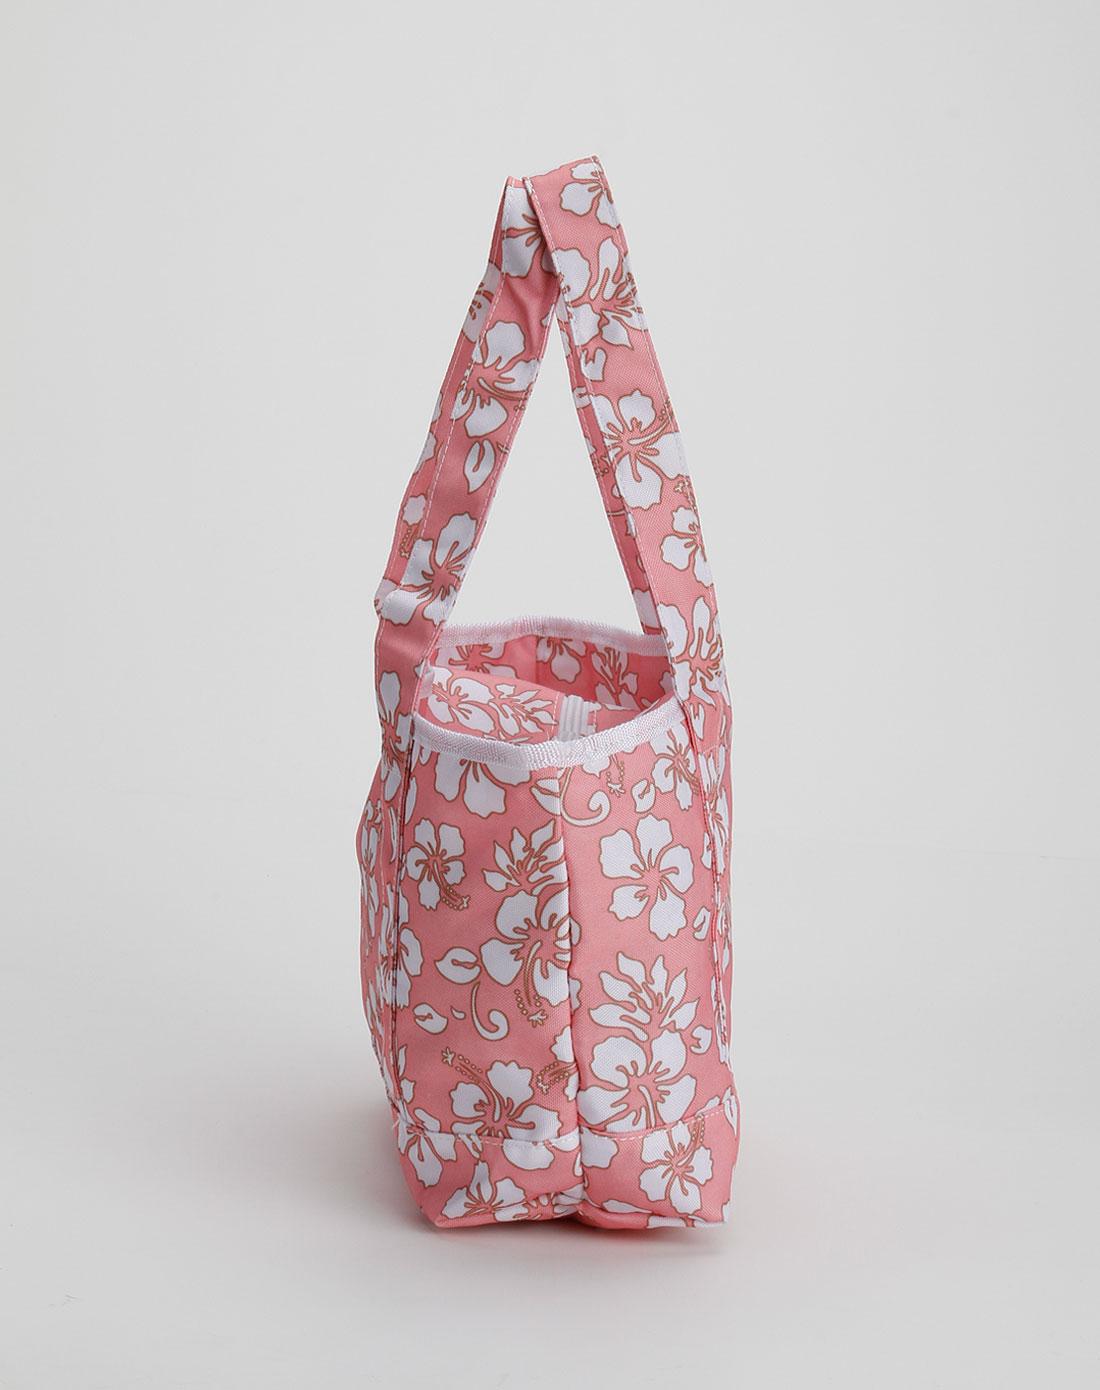 浅粉红色休闲帆布手提包